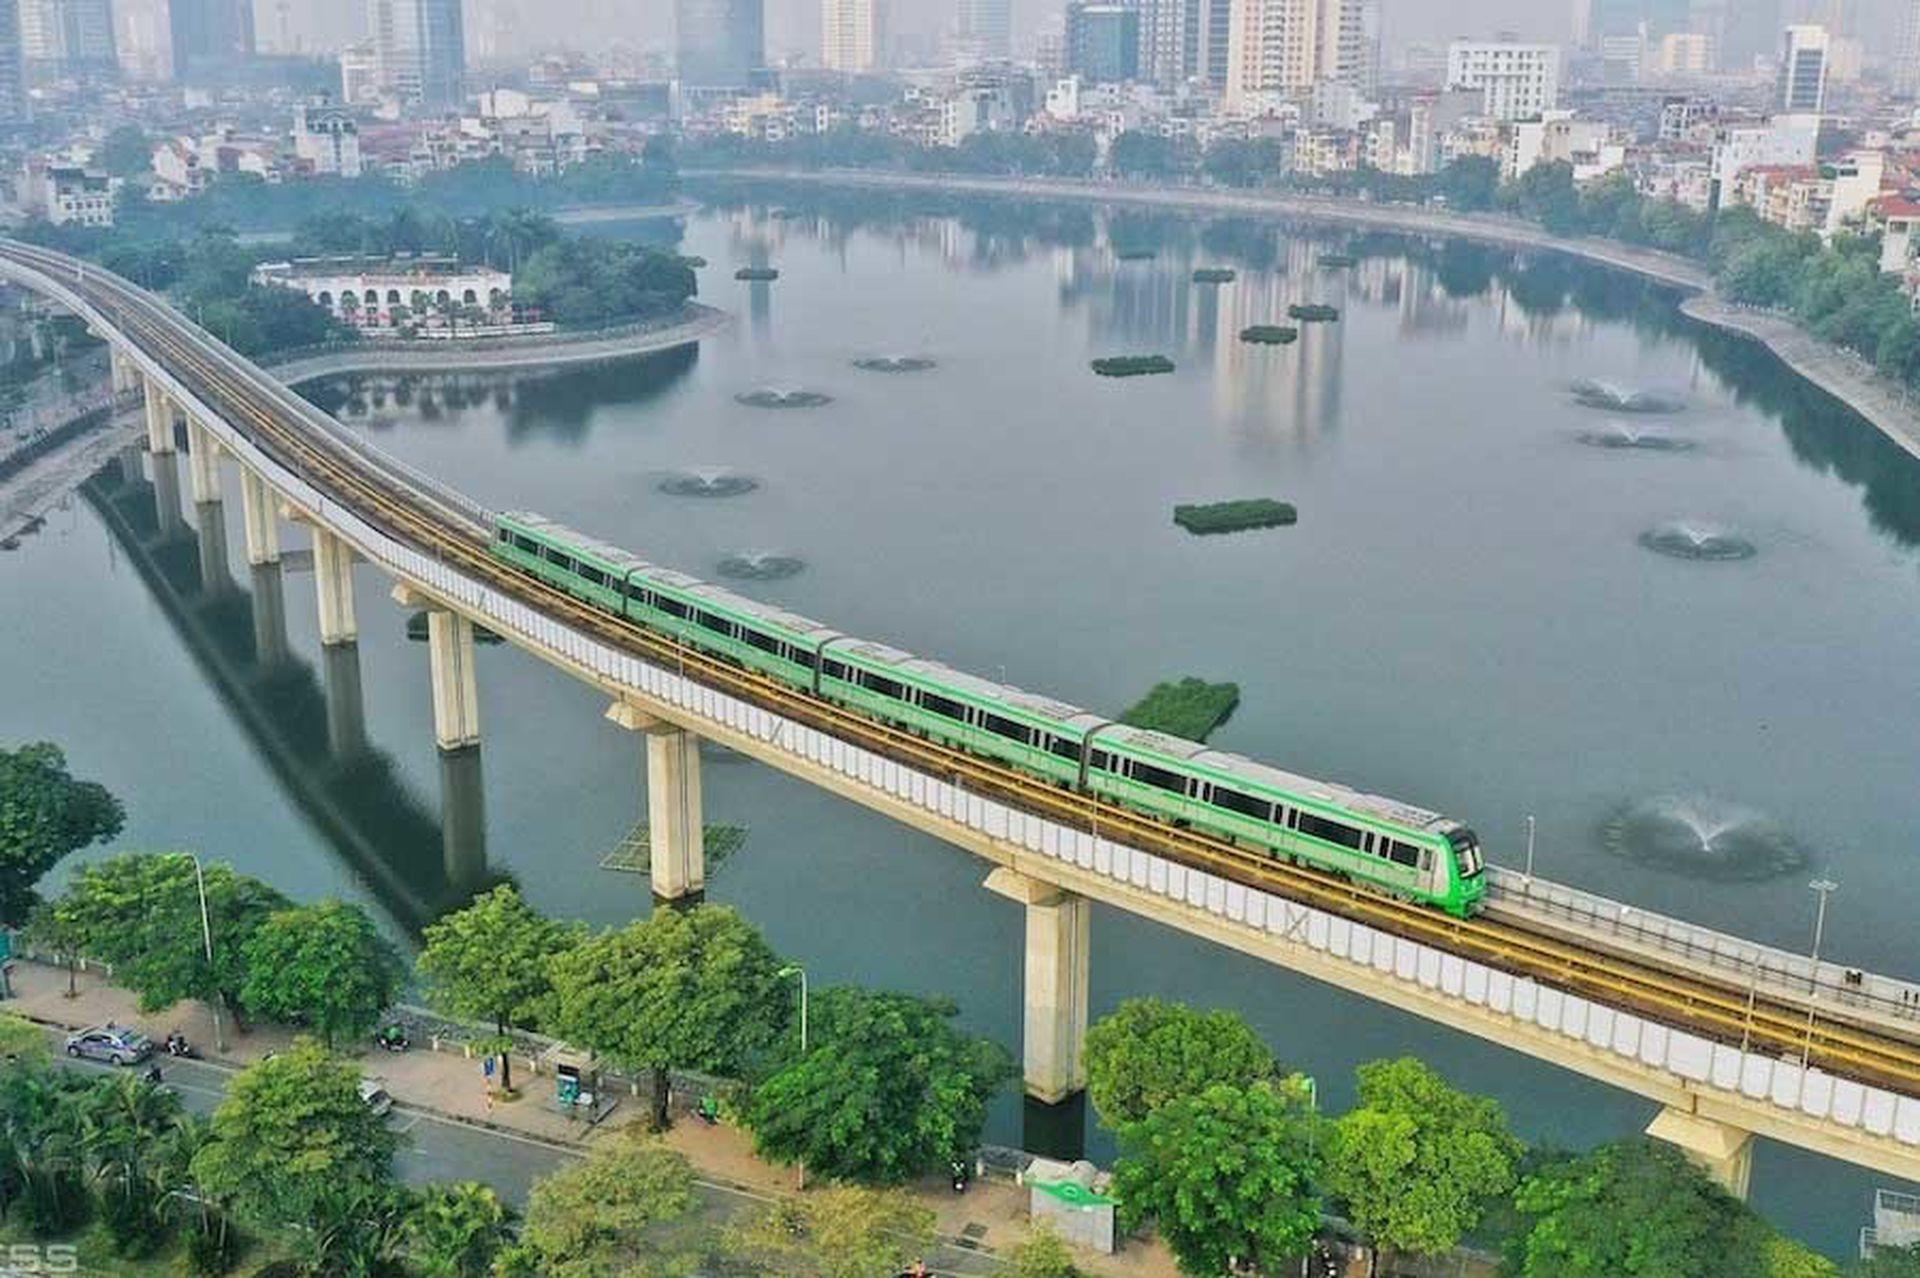 而就2A线的安排来说,这条轻轨线甚至也将成为游览河内的重要一环。(越南电子报截图)